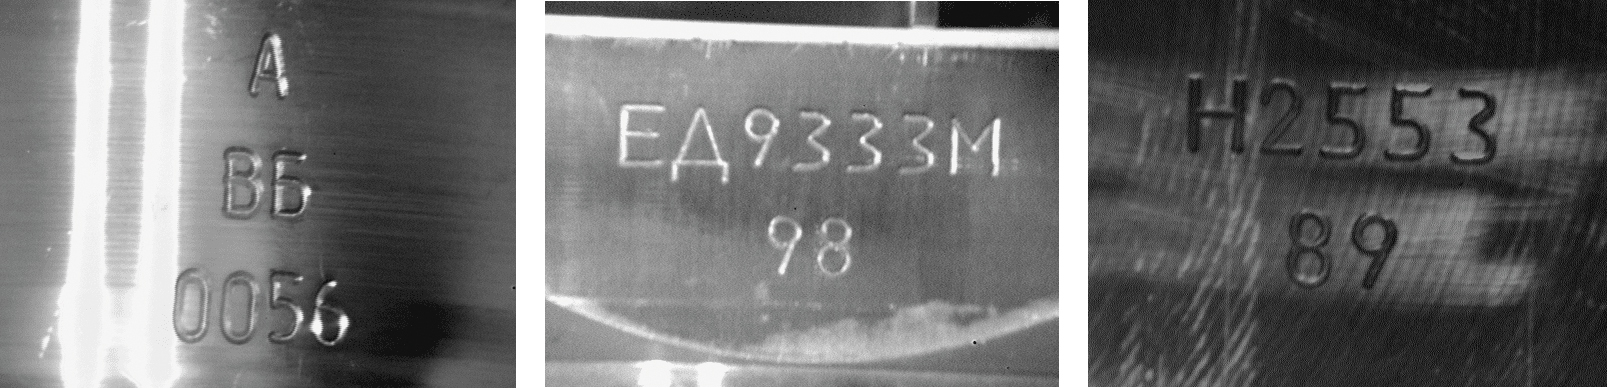 Примеры маркировки ТВС